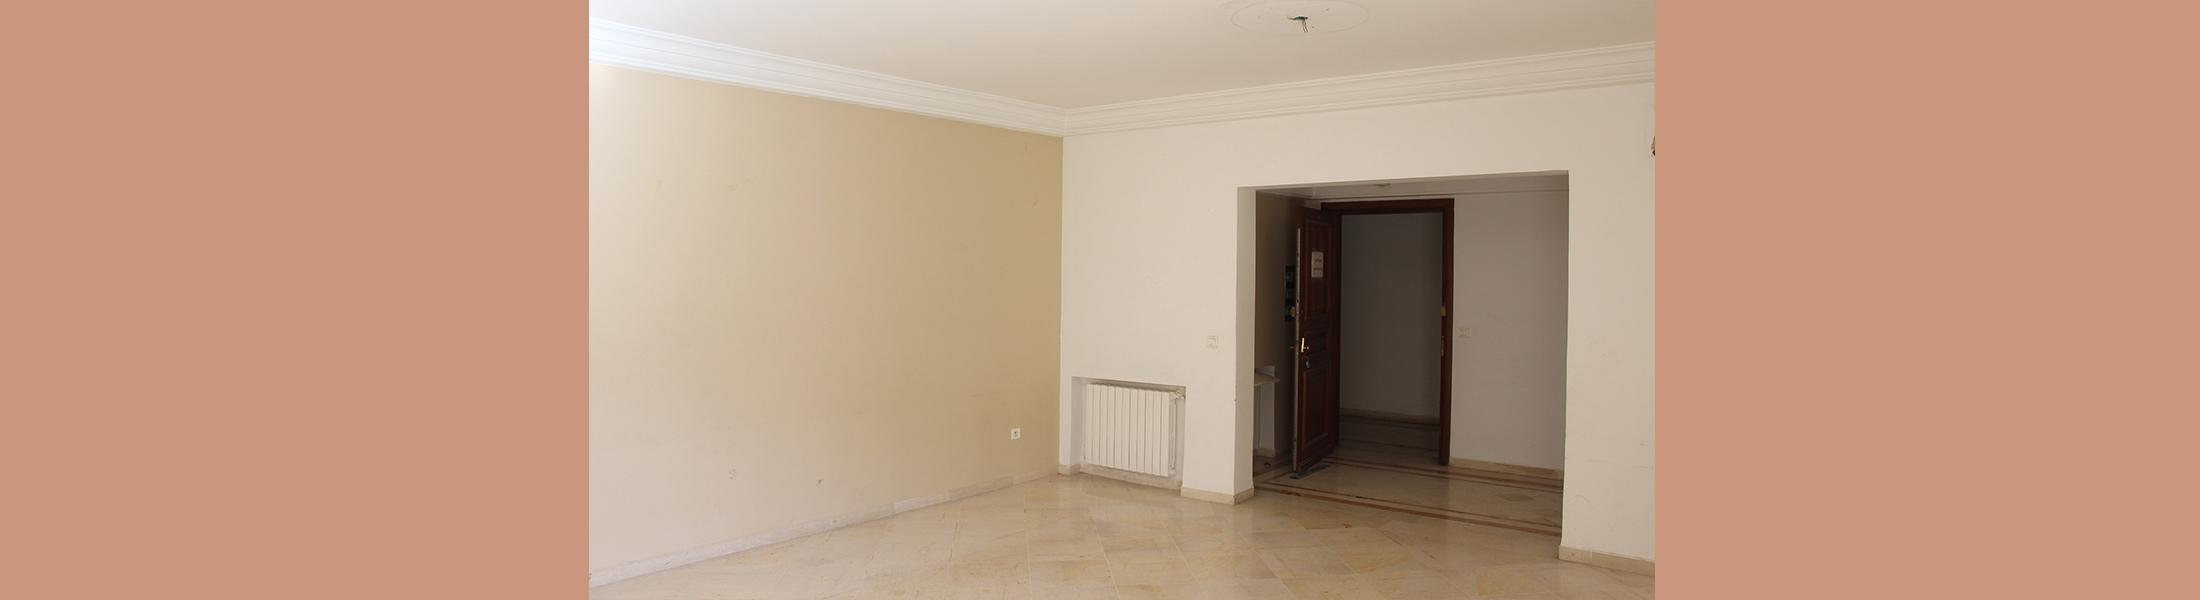 الشقة تانيت سنتر 31 - المرسى